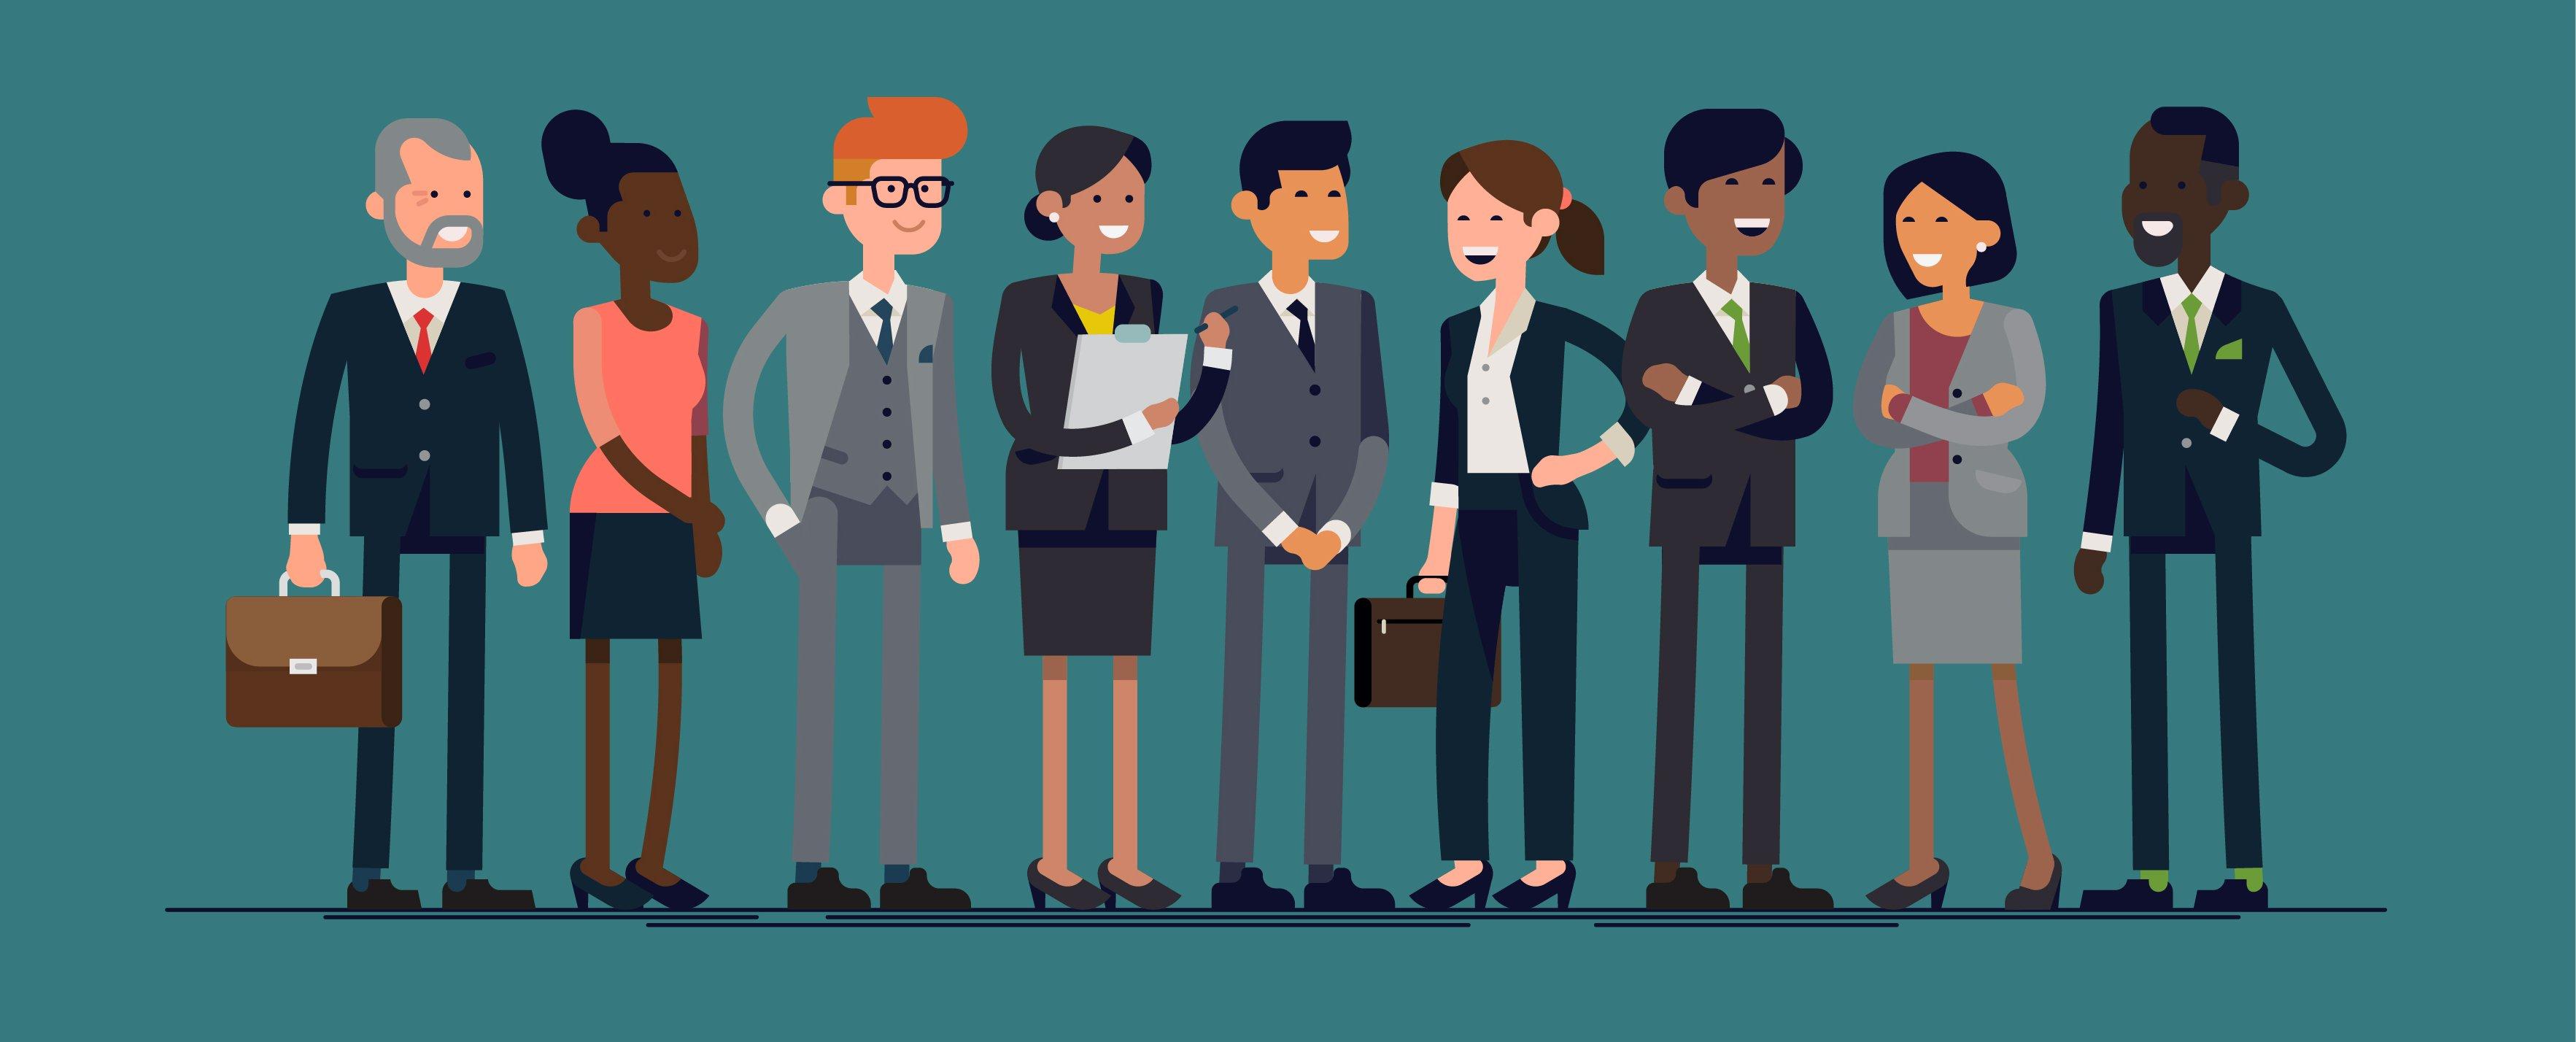 empleados de una empresa - ilustración